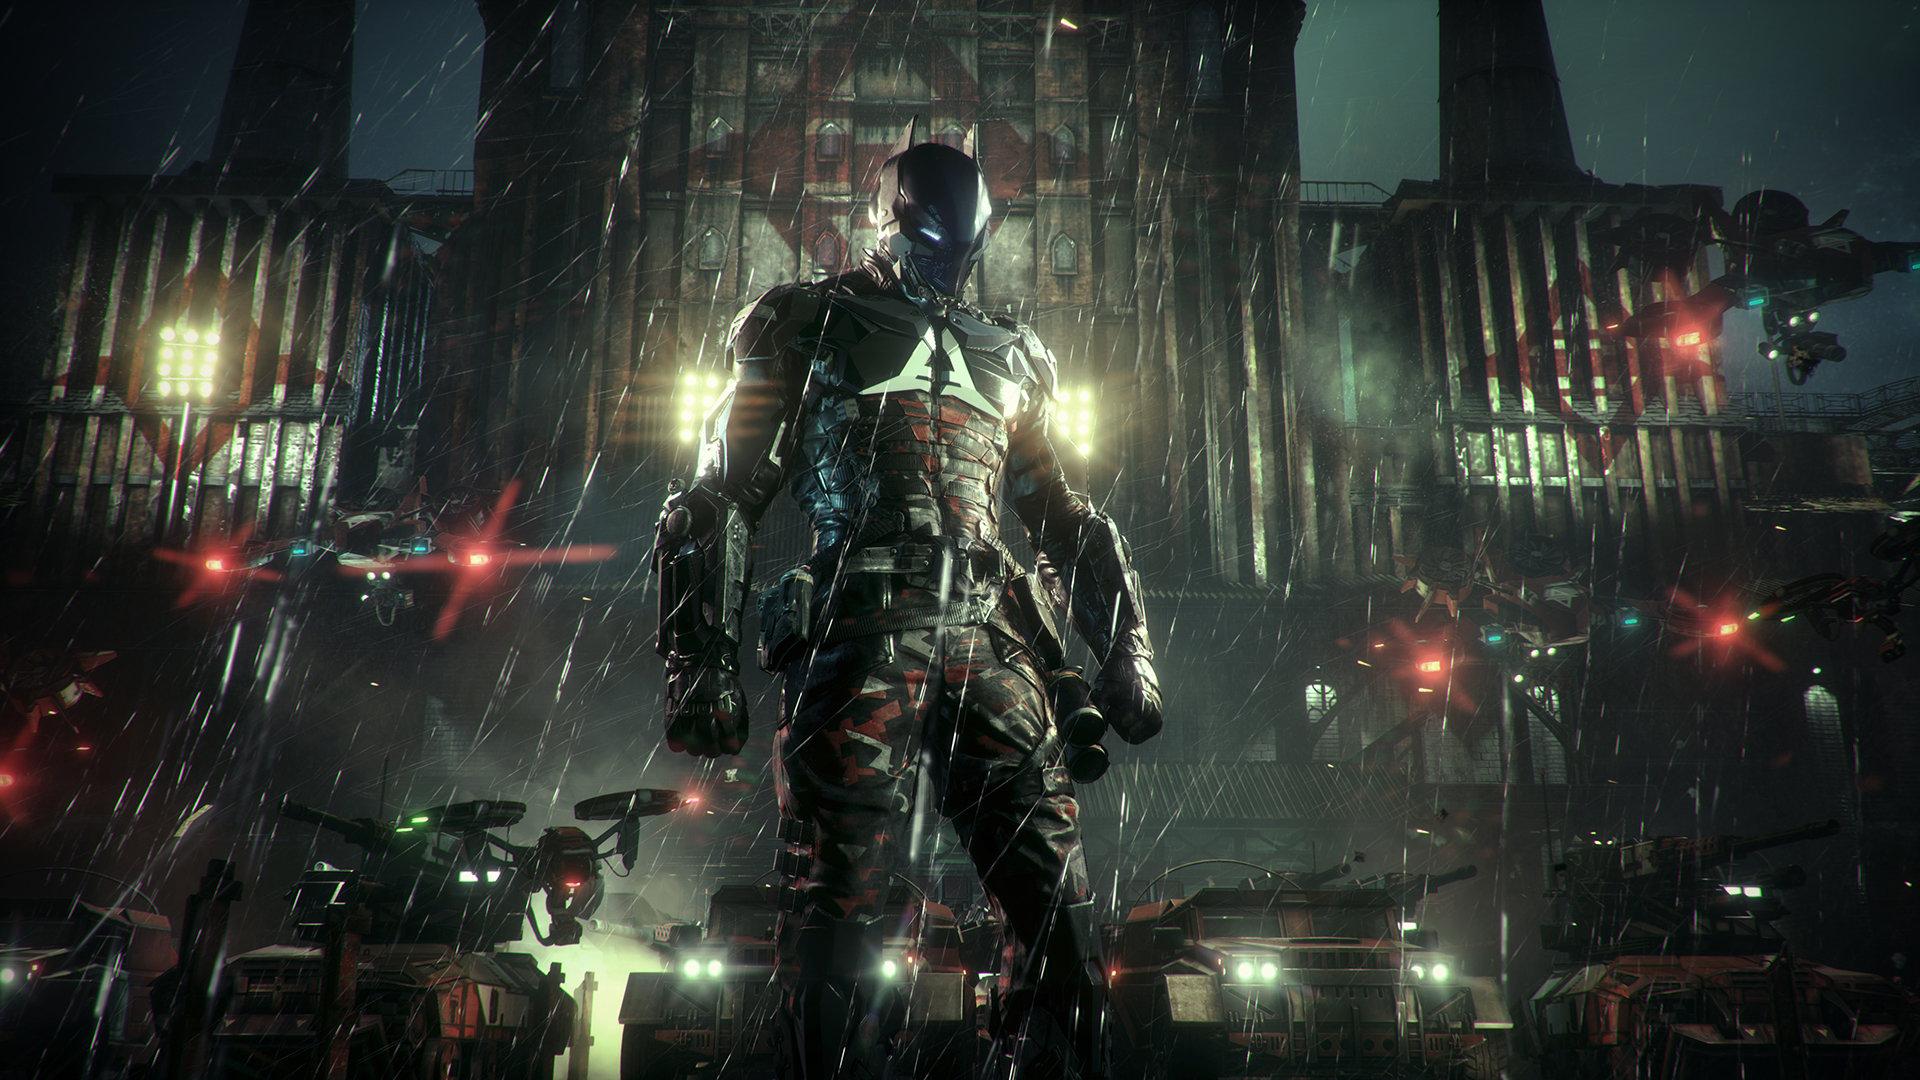 Der Arkham Knight ist davon besessen Batman zu töten.